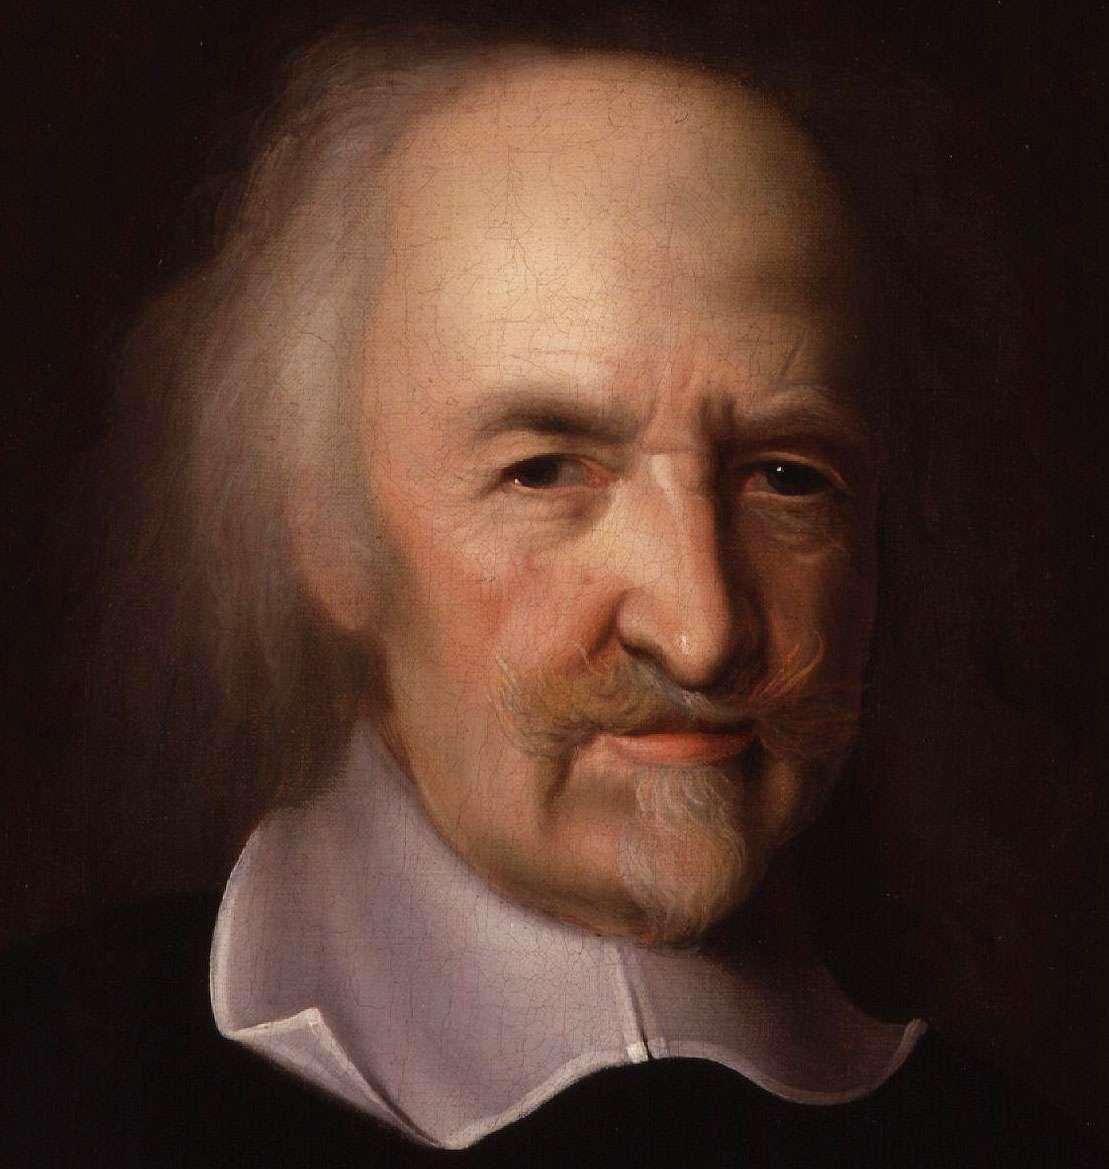 Ο Hobbes απέκρουε τη θεμελιώδη θέση της αριστοτελικής παράδοσης στην πολιτική φιλοσοφία, ότι δηλ. η αρμονική ανθρώπινη κοινότητα οφείλει να στέκει υπό την αιγίδα του Νόμου, θέτοντας το αμείλεκτο έρώτημα: ποιός θα κρίνει, ποιός θα ερμηνεύσει, ποιός θα άποφασίσει τι σημαίνει συγκεκριμένα σε κάθε περίπτωση ο Νόμος αυτός;